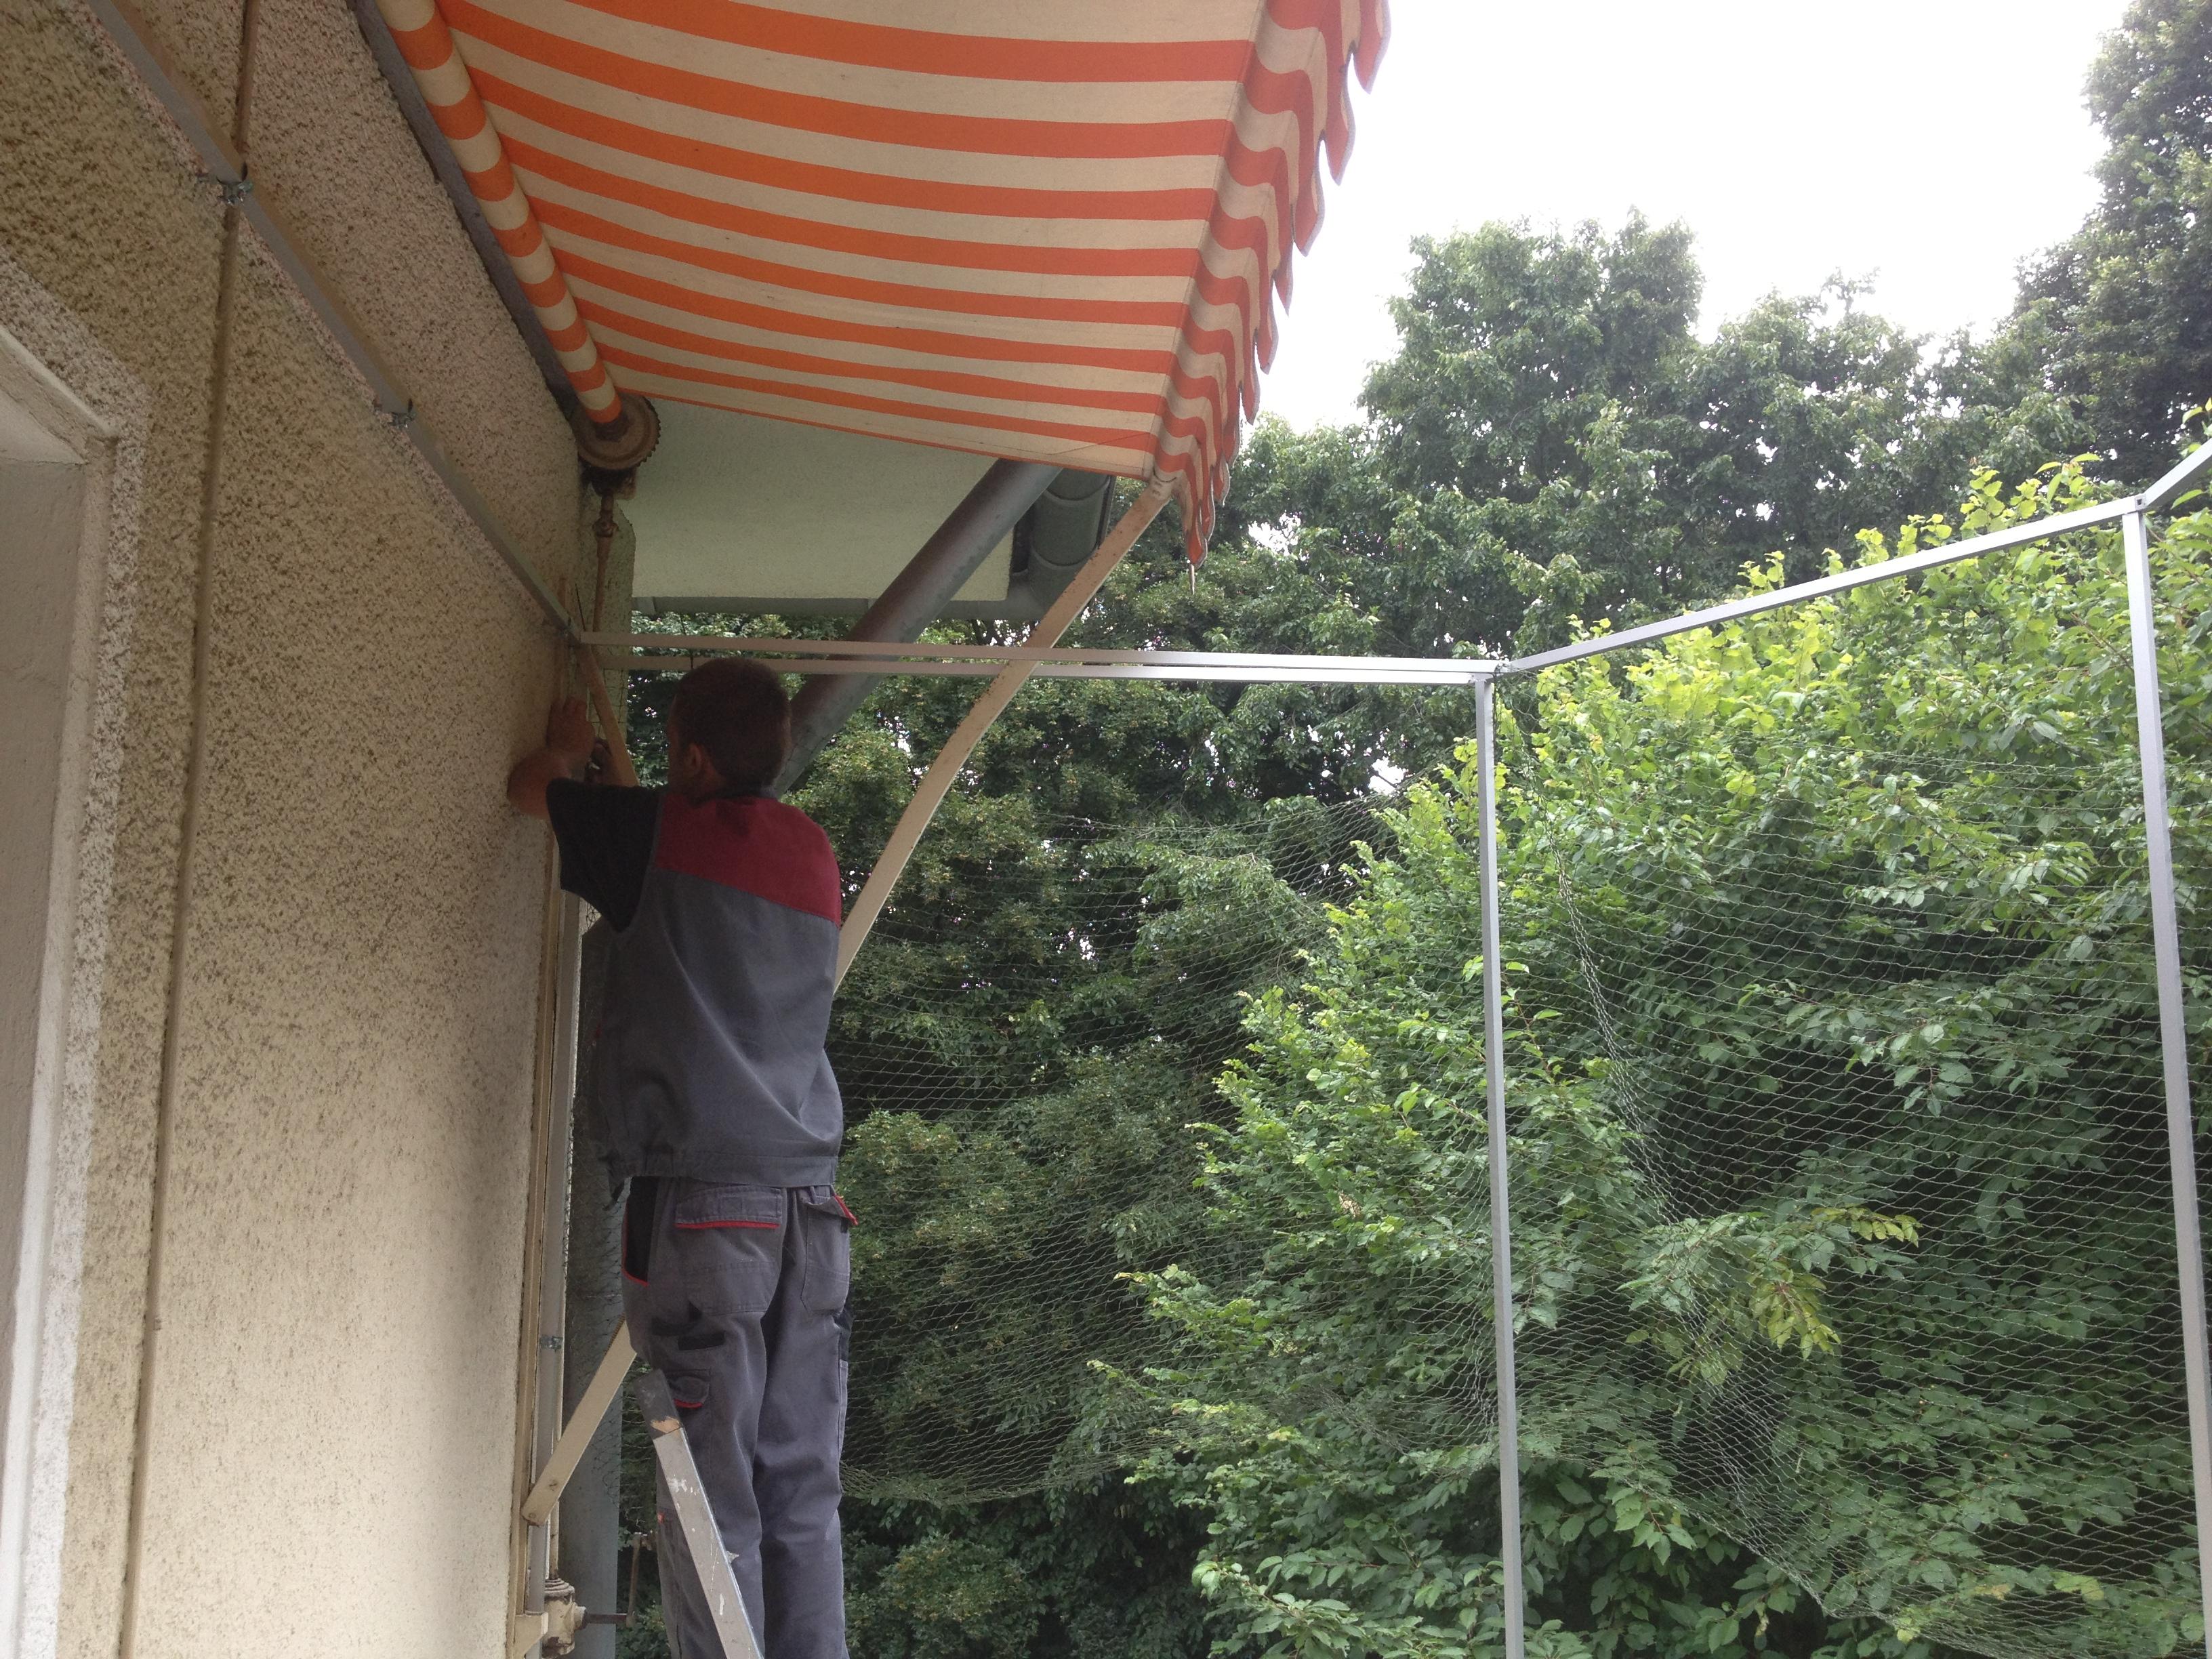 balkon in leverkusen vom profi mit katzennetz gesichert katzennetze nrw der katzennetz profi. Black Bedroom Furniture Sets. Home Design Ideas